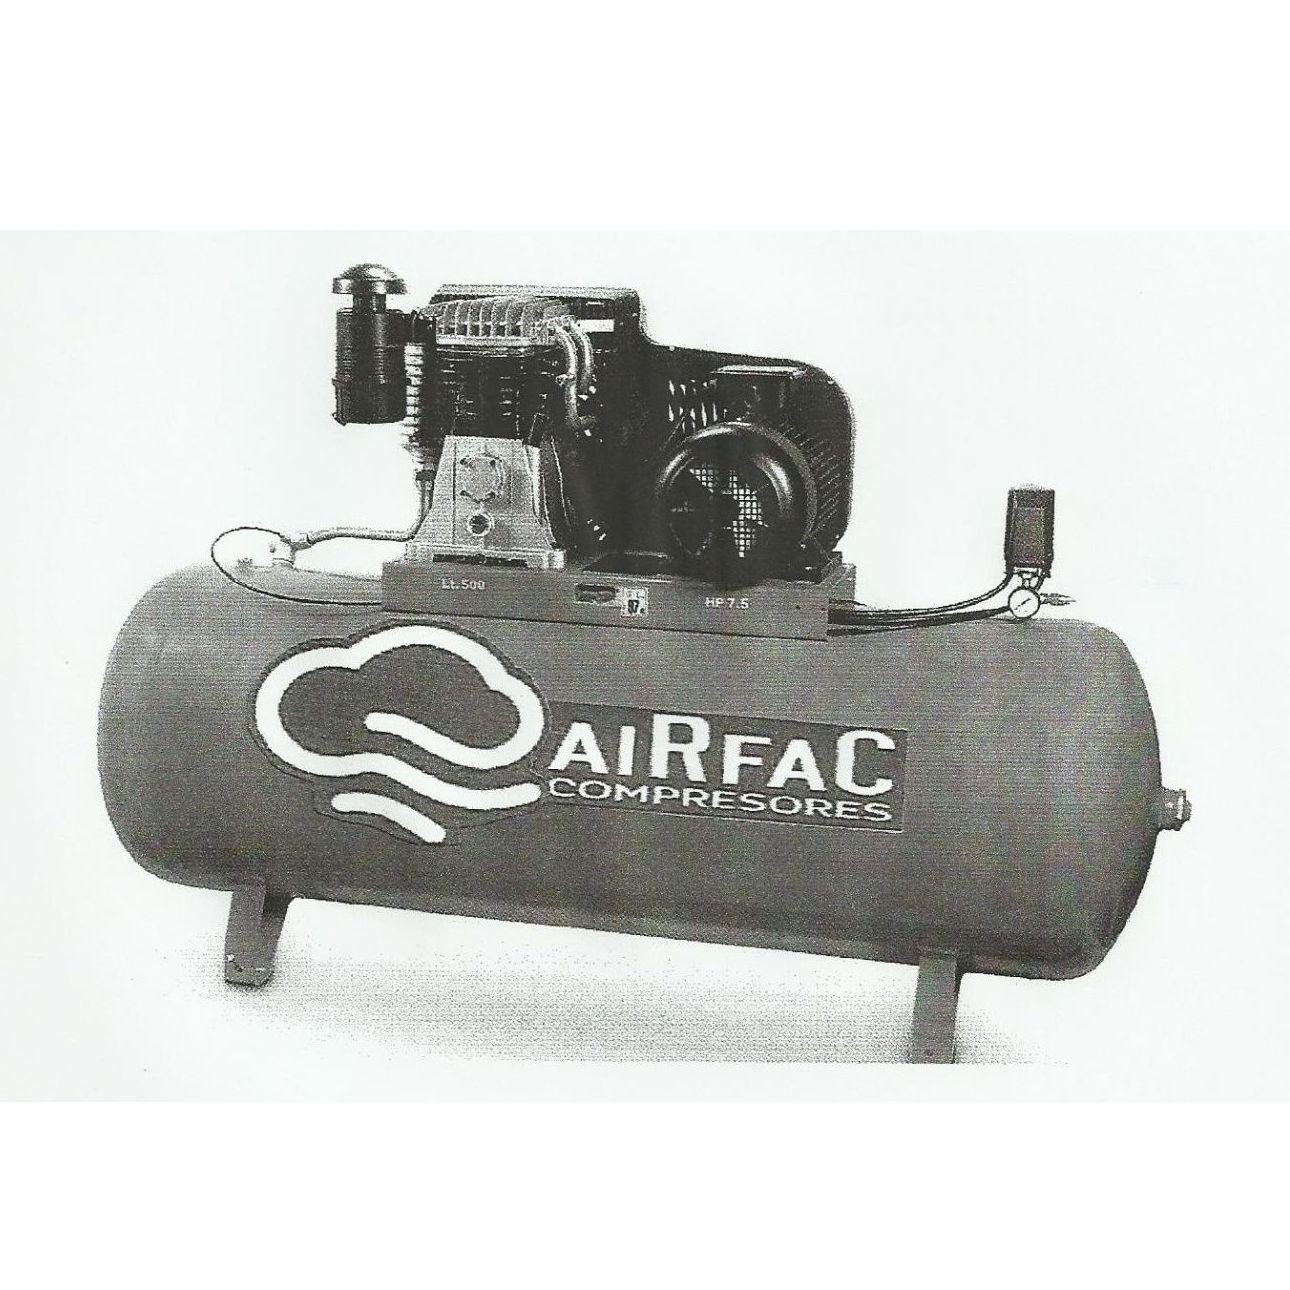 Venta de Compresores de pistón: Productos y servicios de Airfac